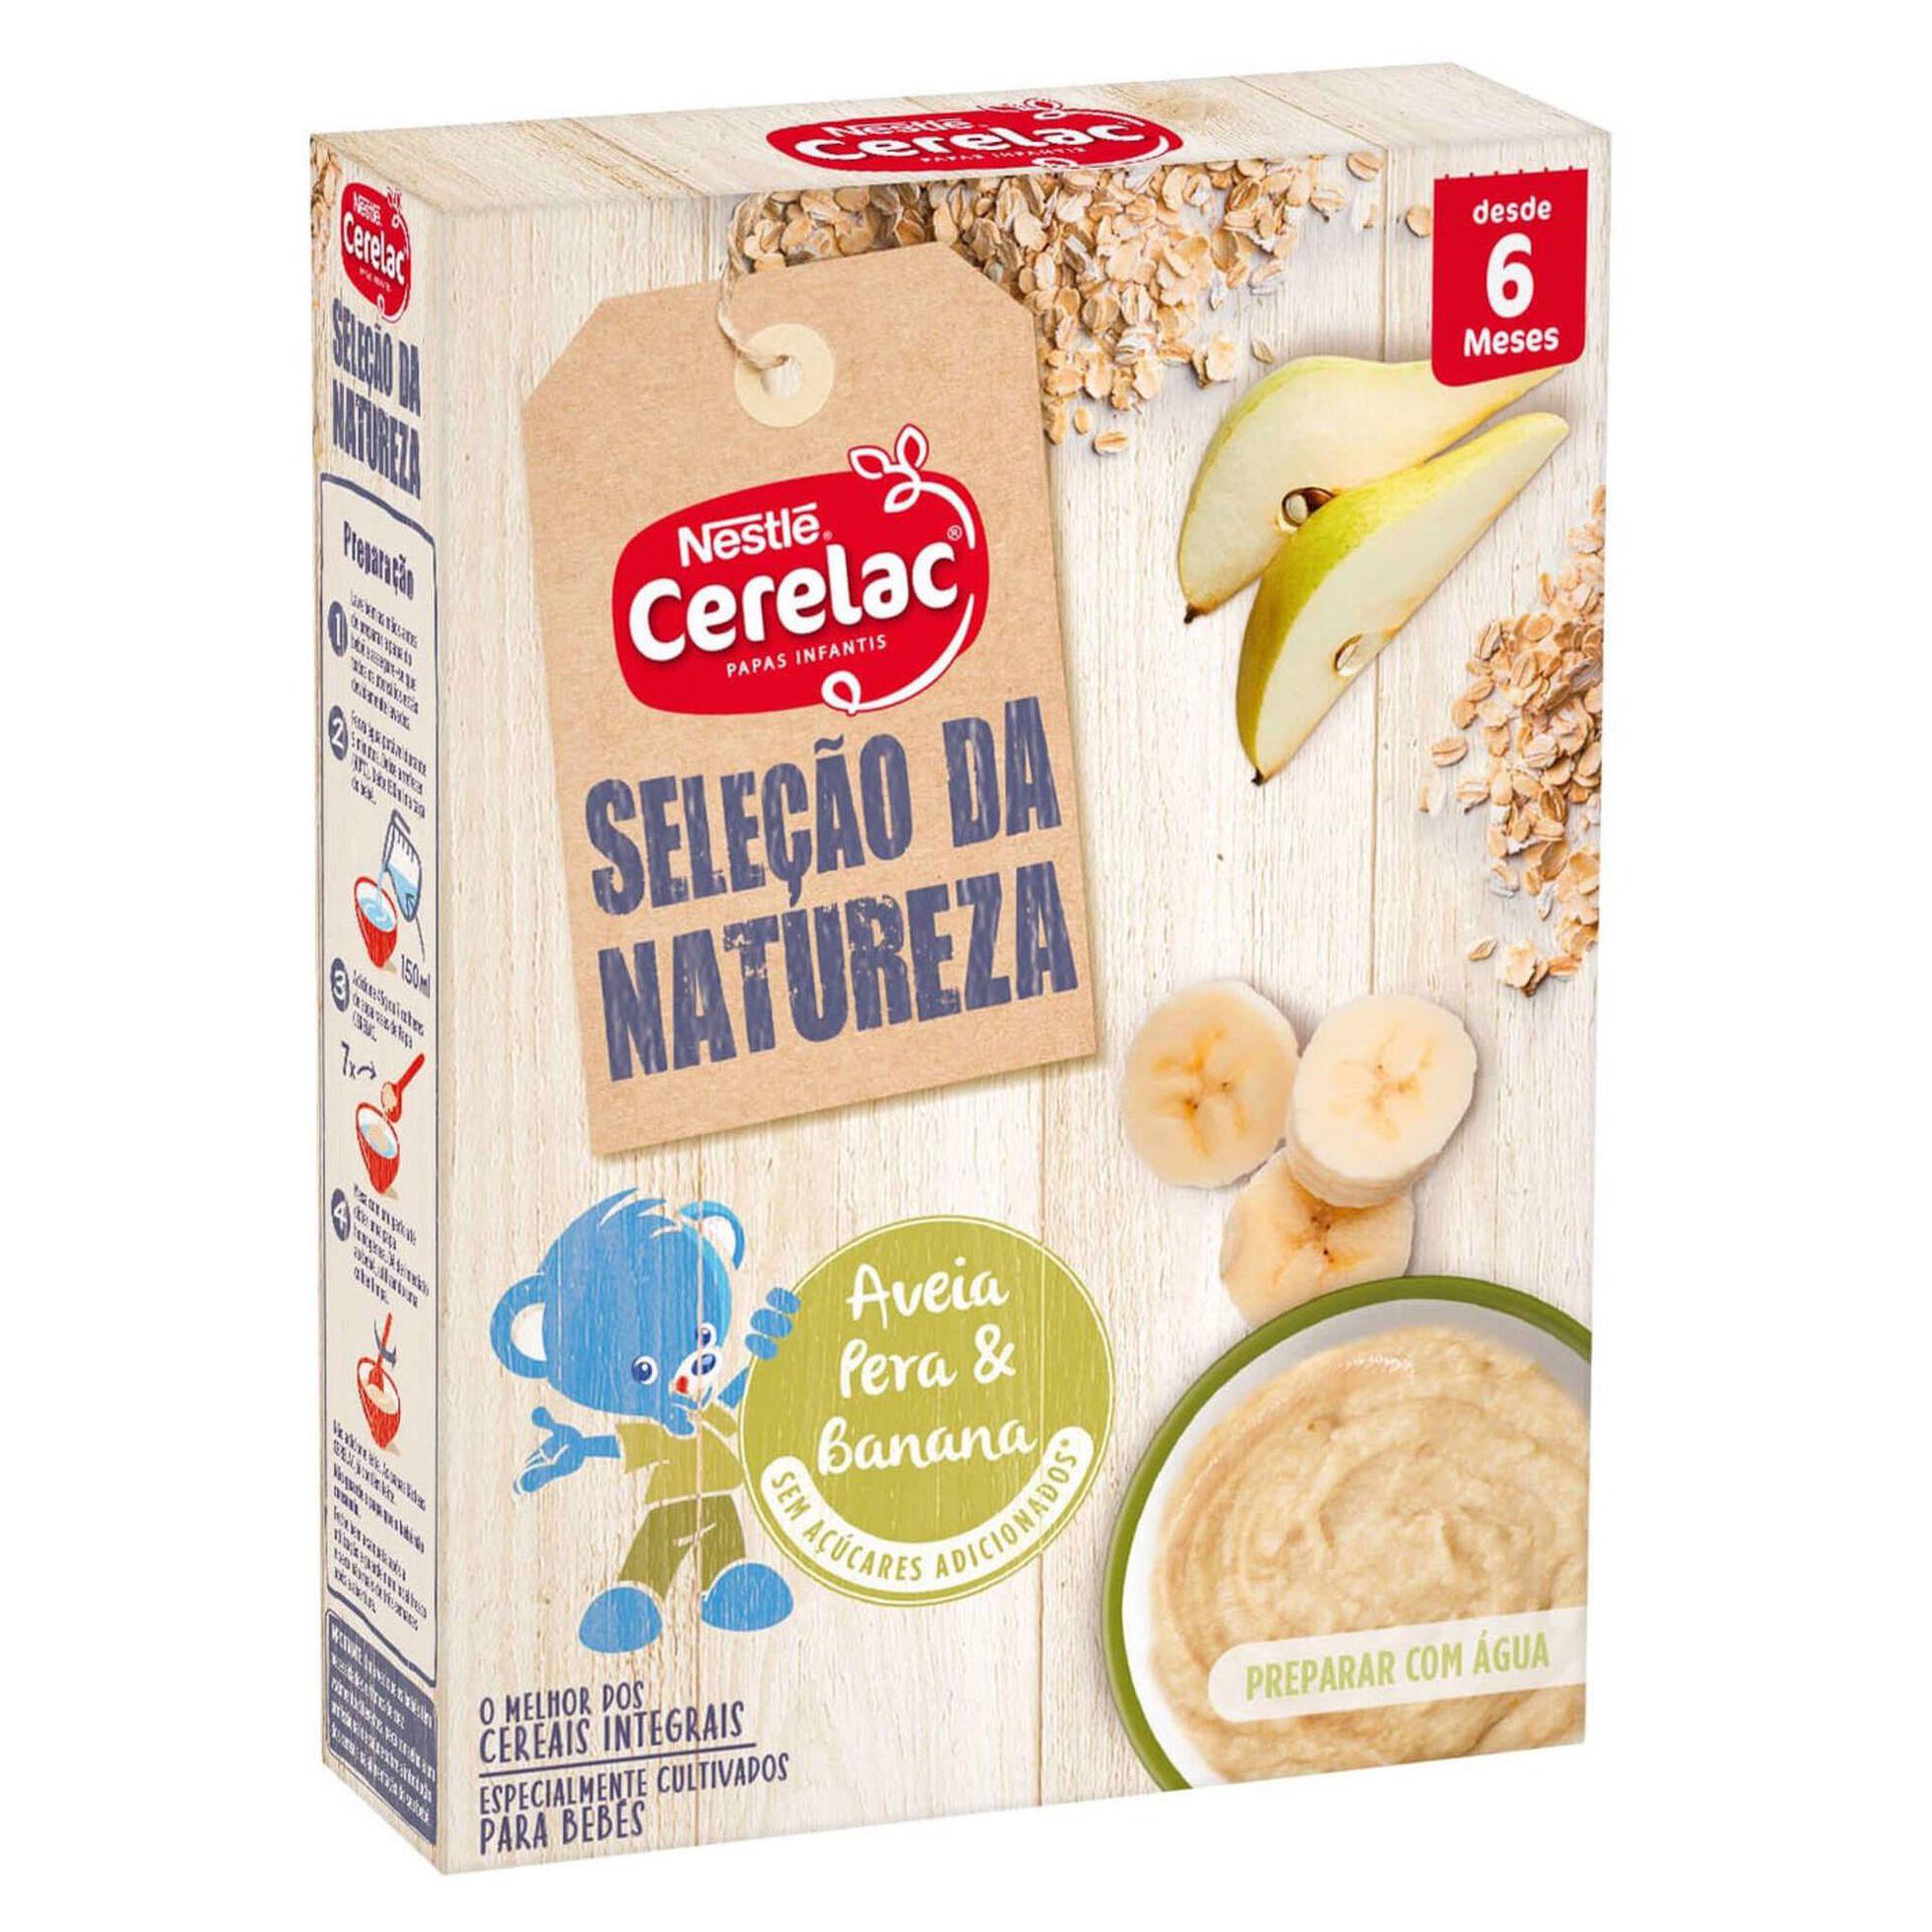 Papa Infantil Láctea Aveia, Pera e Banana Seleção da Natureza +6 Meses